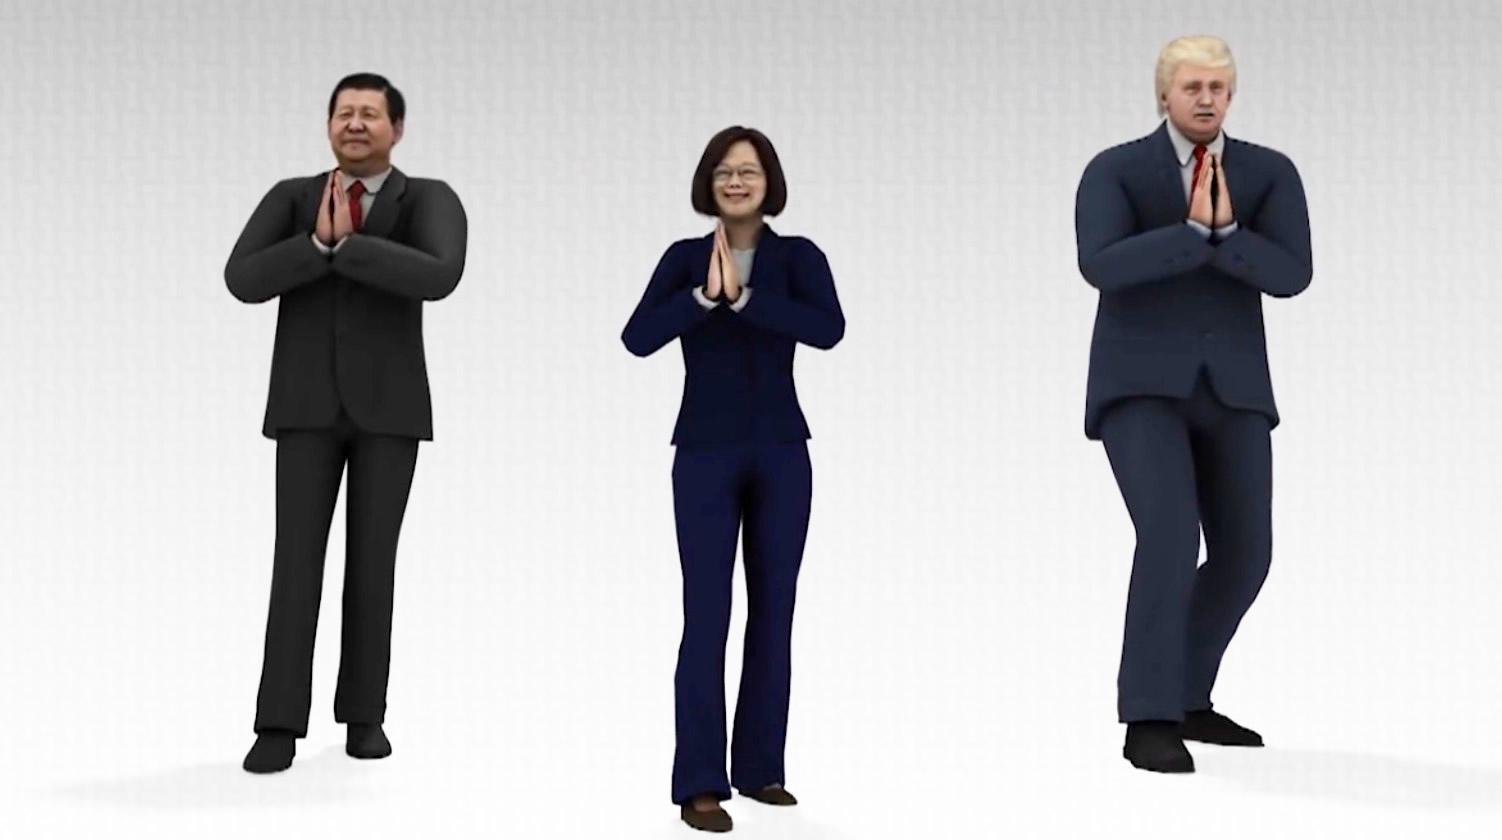 誰だこんなの作ったのw 「恋ダンス」をトランプと台湾総統と中国国家主席に躍らせた結果wwwwwww